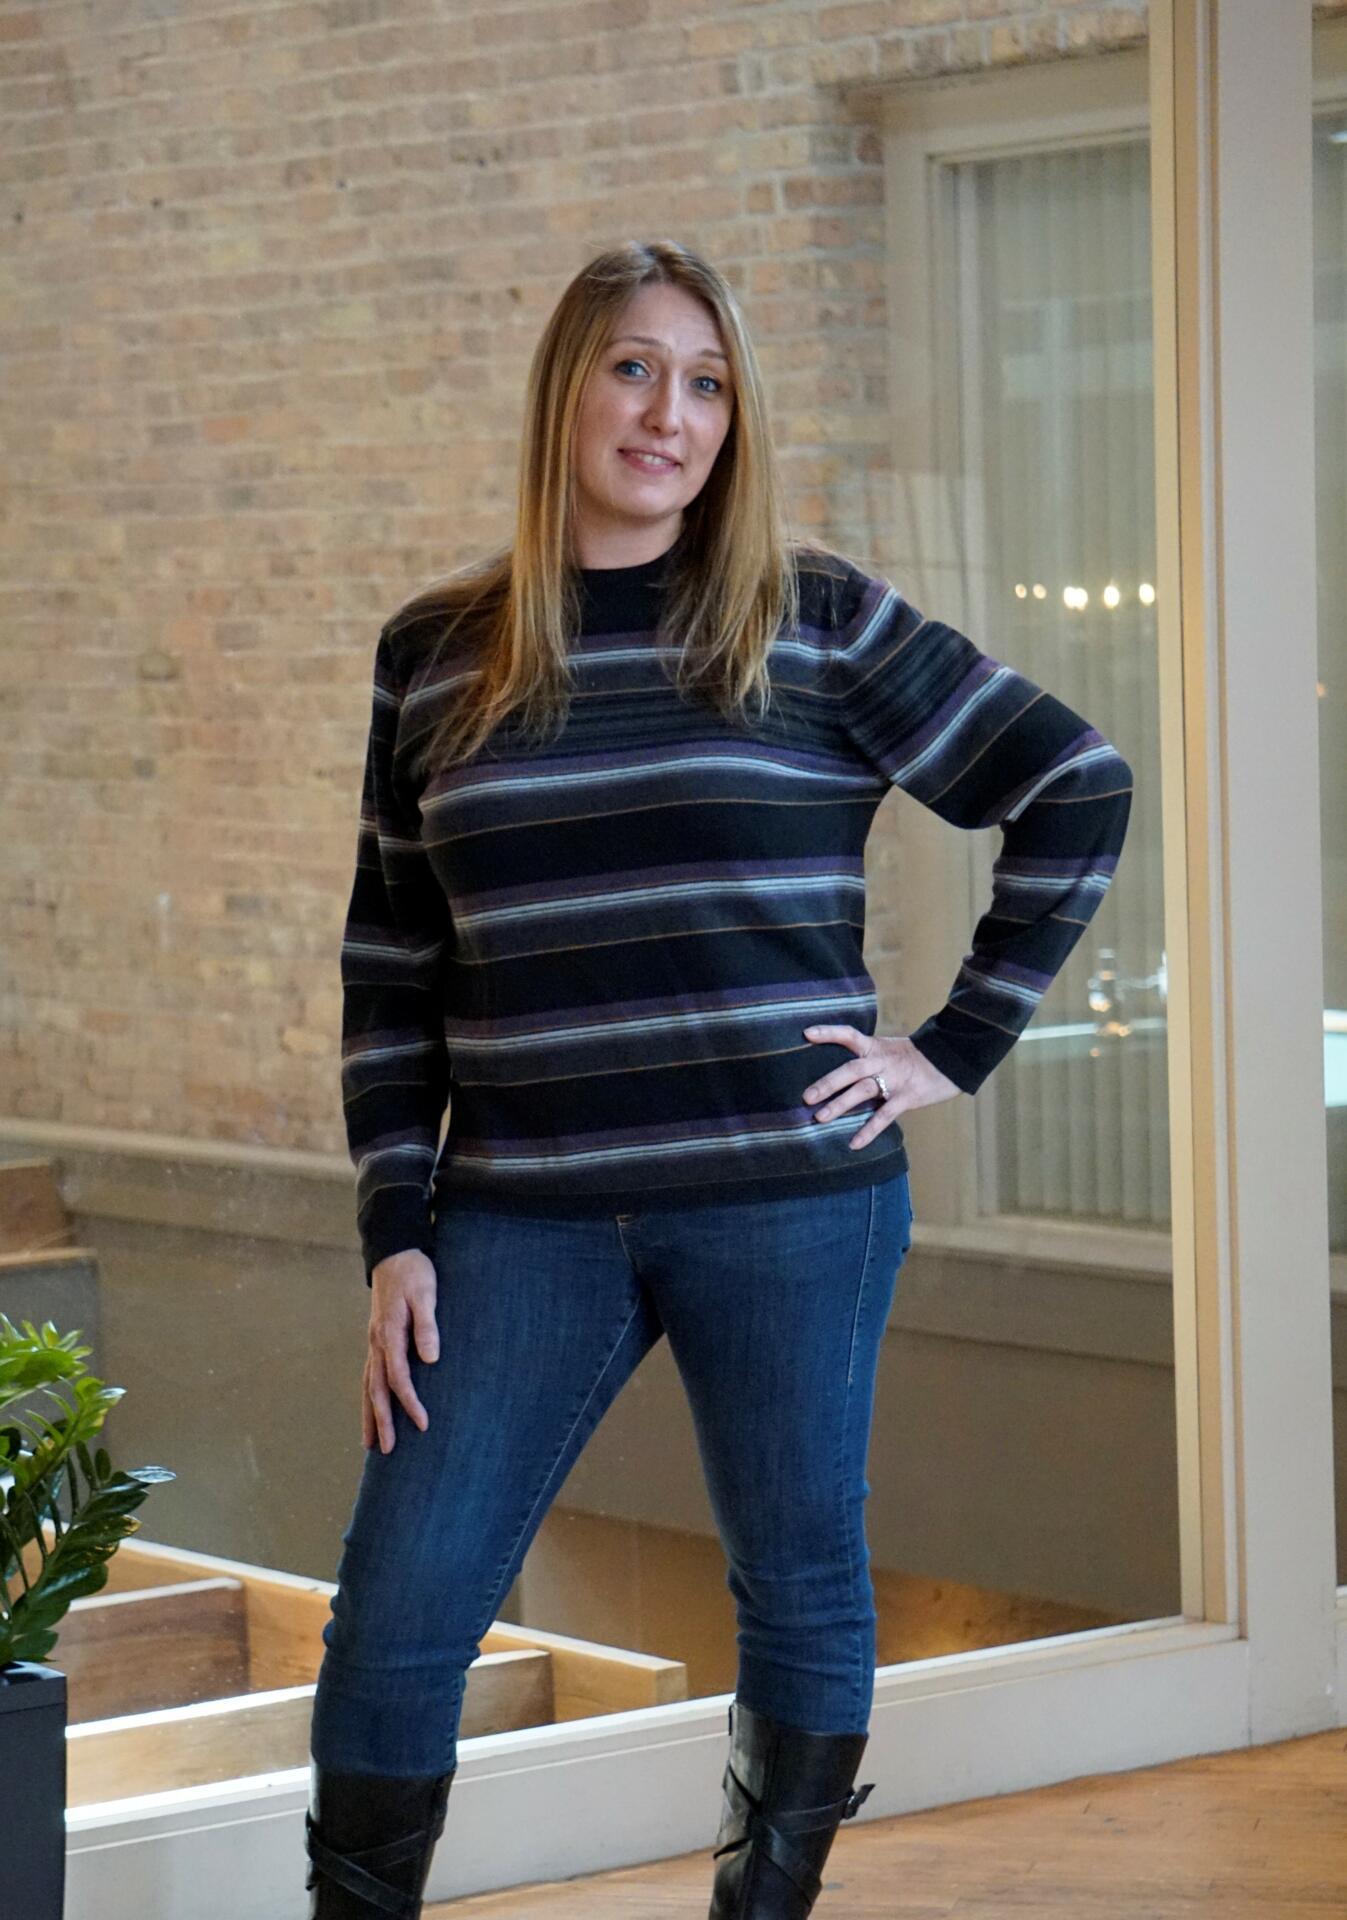 Nicole Keene